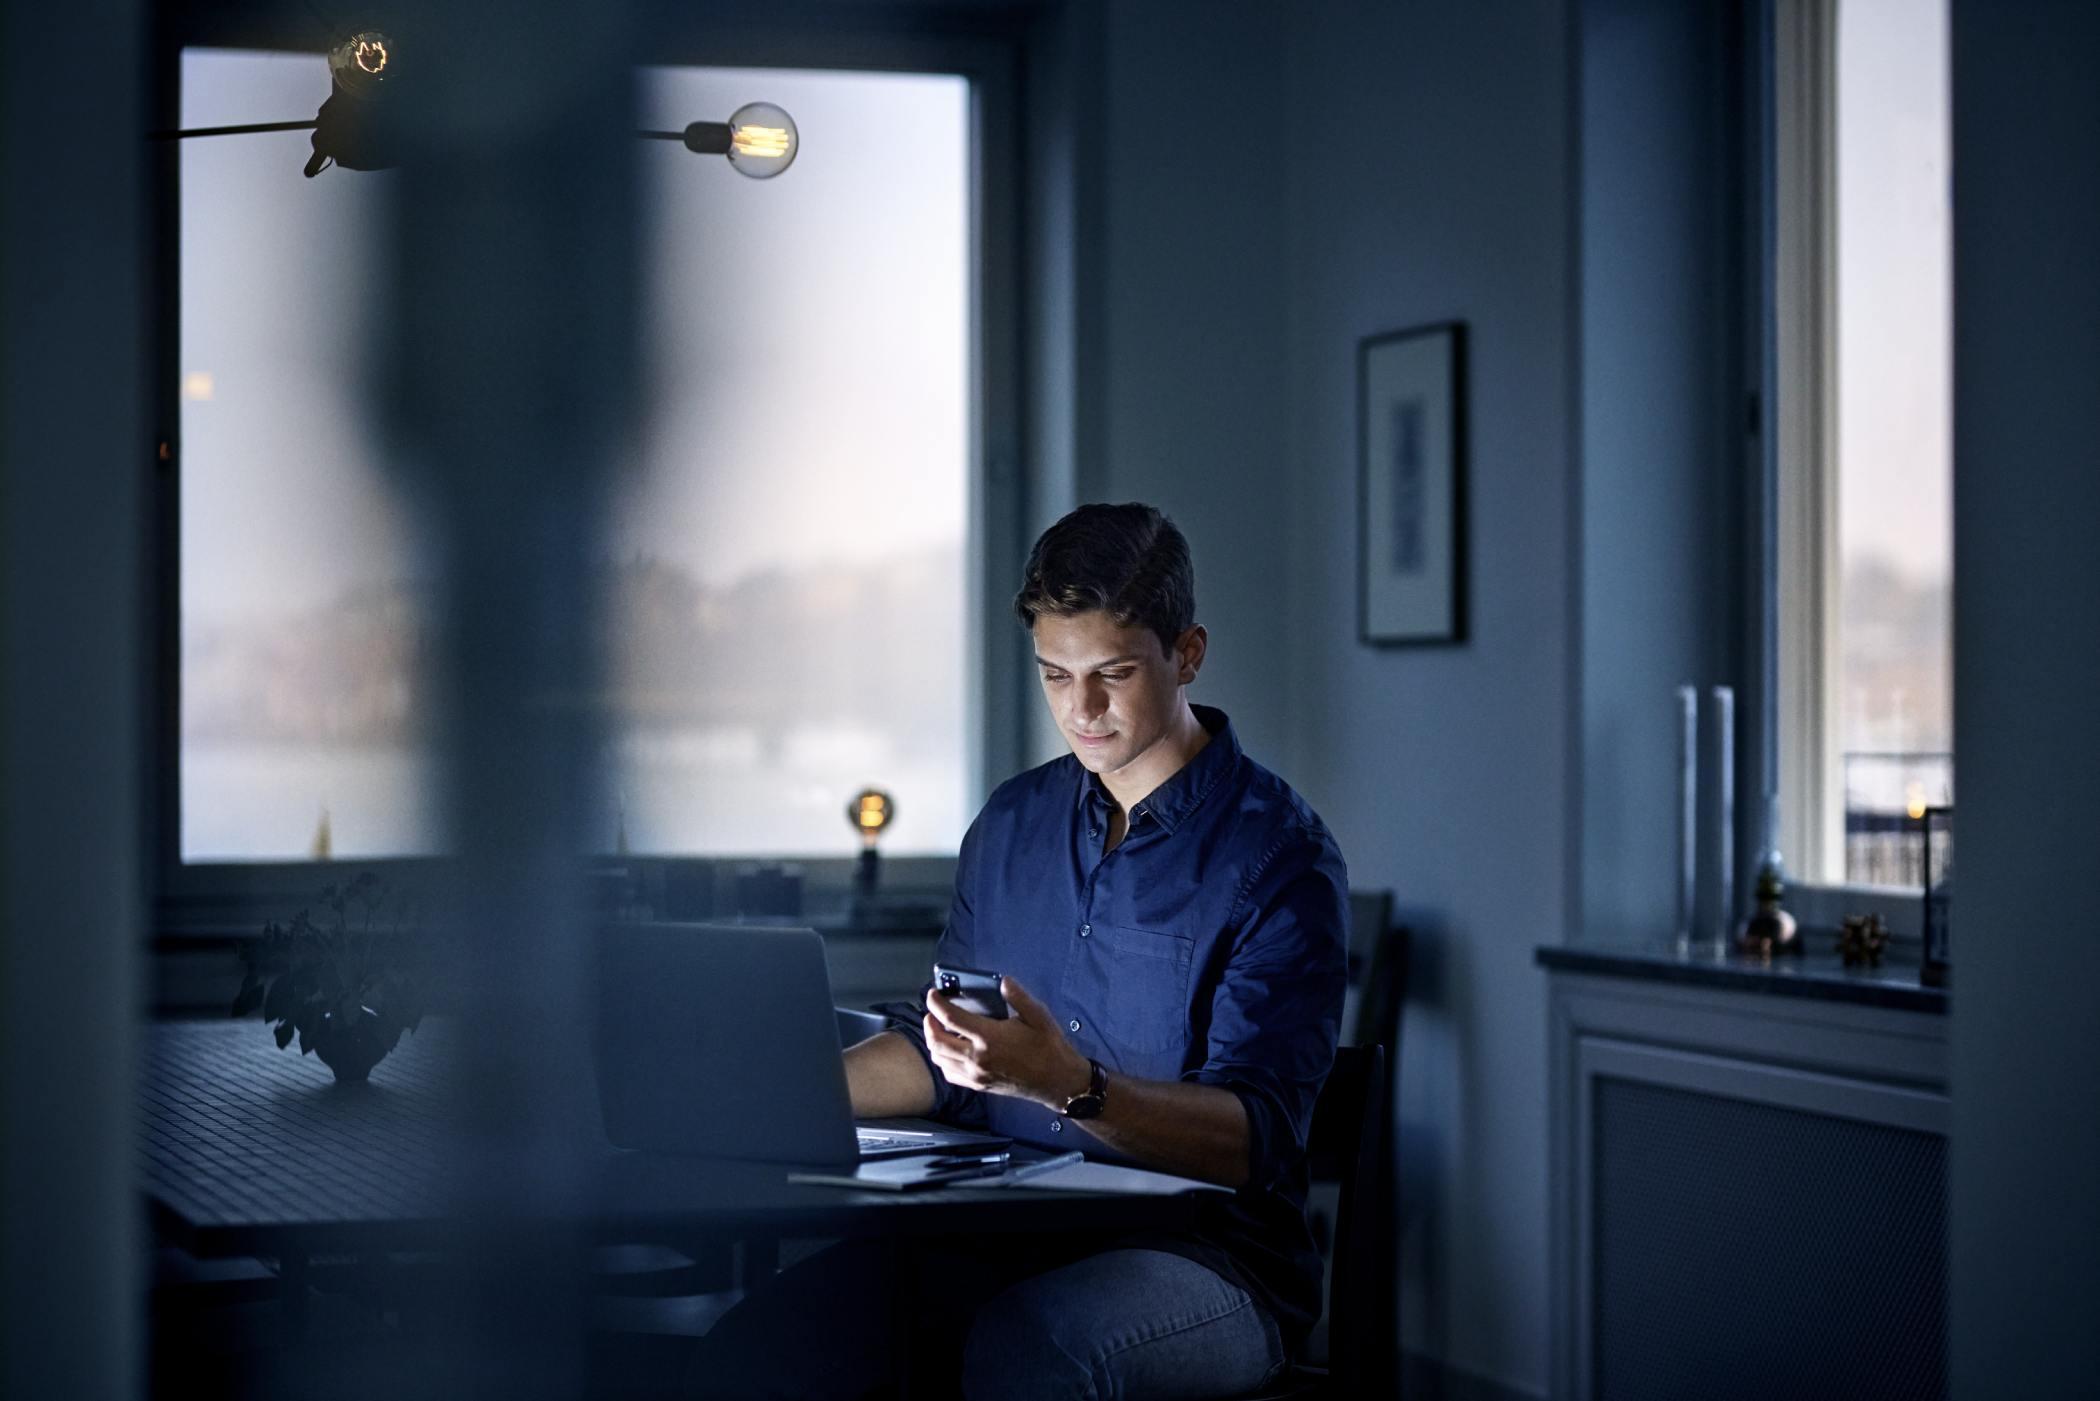 Ung man sitter med mobil och jobbar hemifrån.